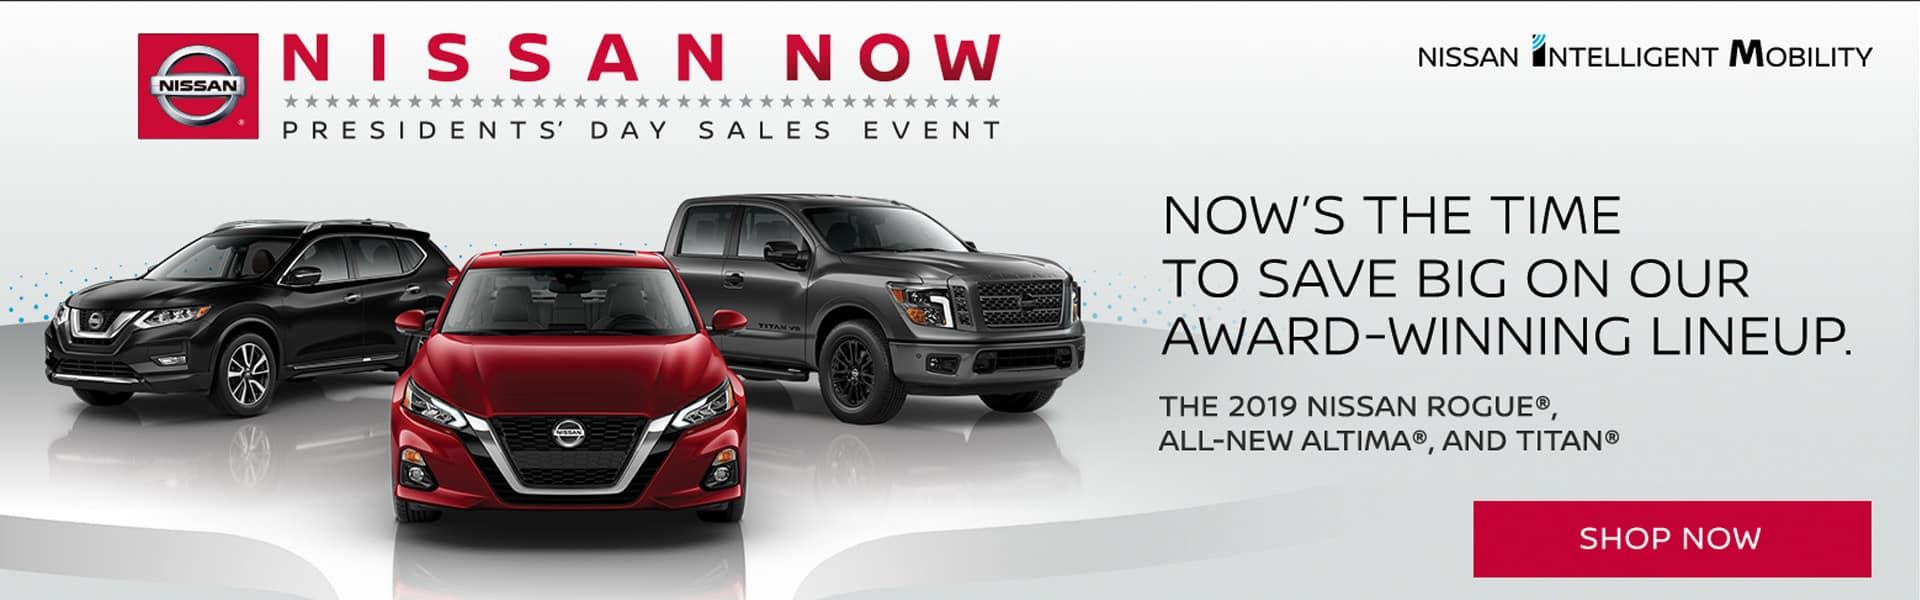 AutoStar Nissan President's Day Sale